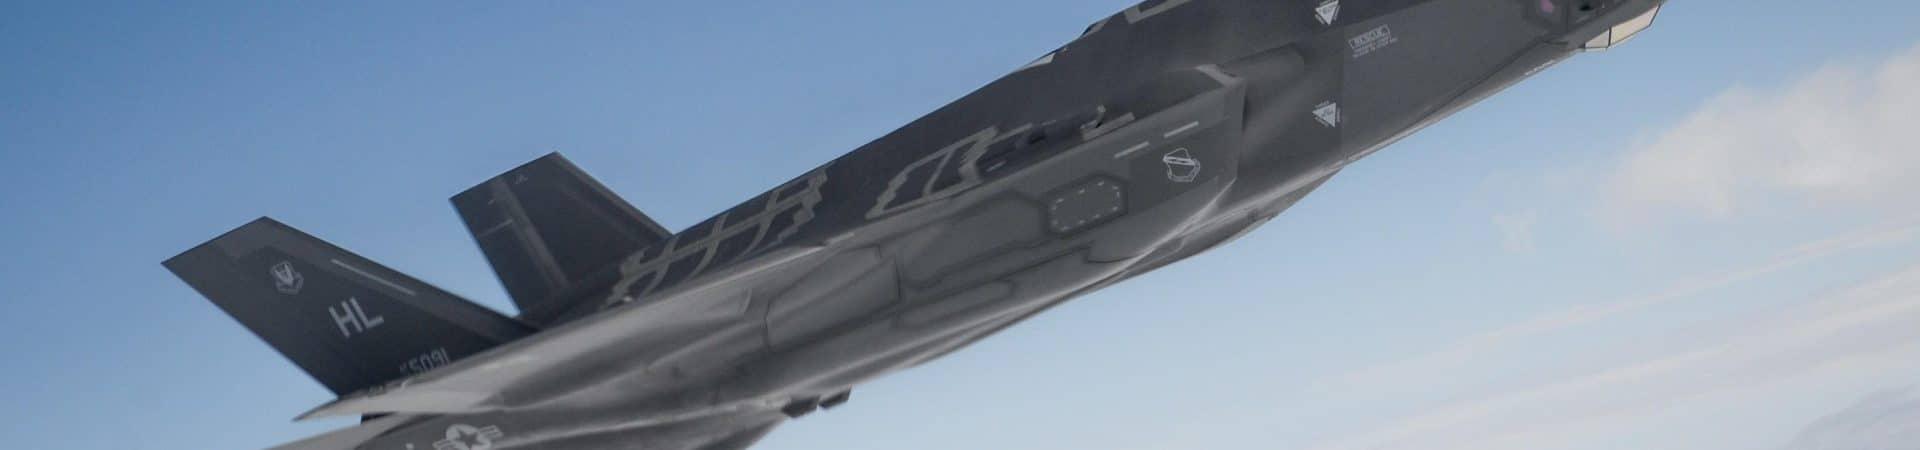 Uma aeronave F-35A Lightning II